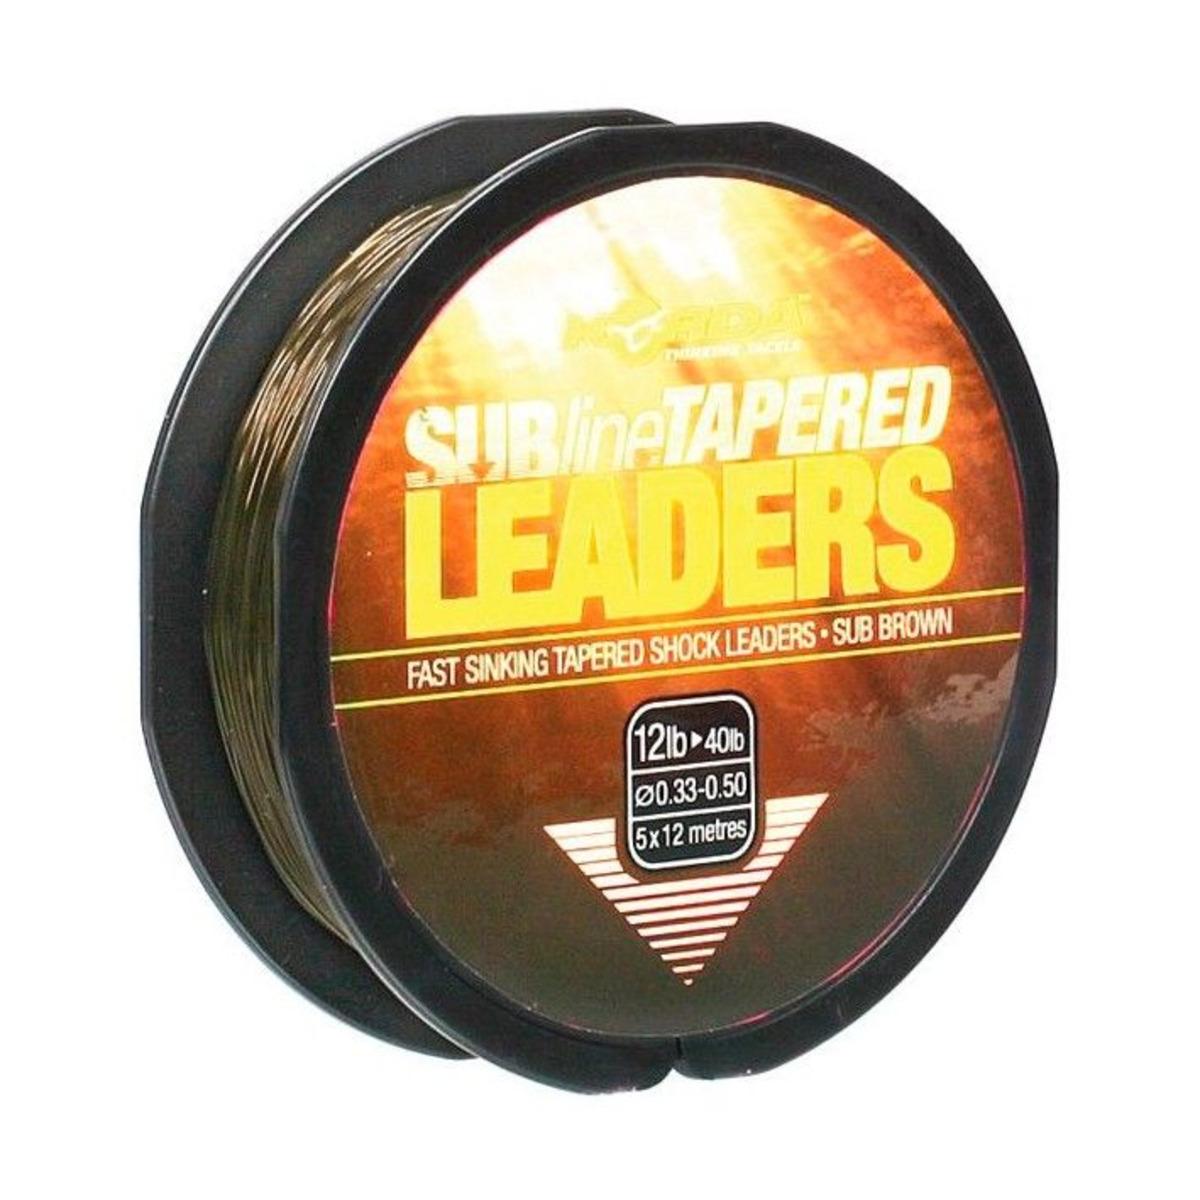 Korda Subline Tapered Leader - 0.30 mm / 0.50 mm - Brown